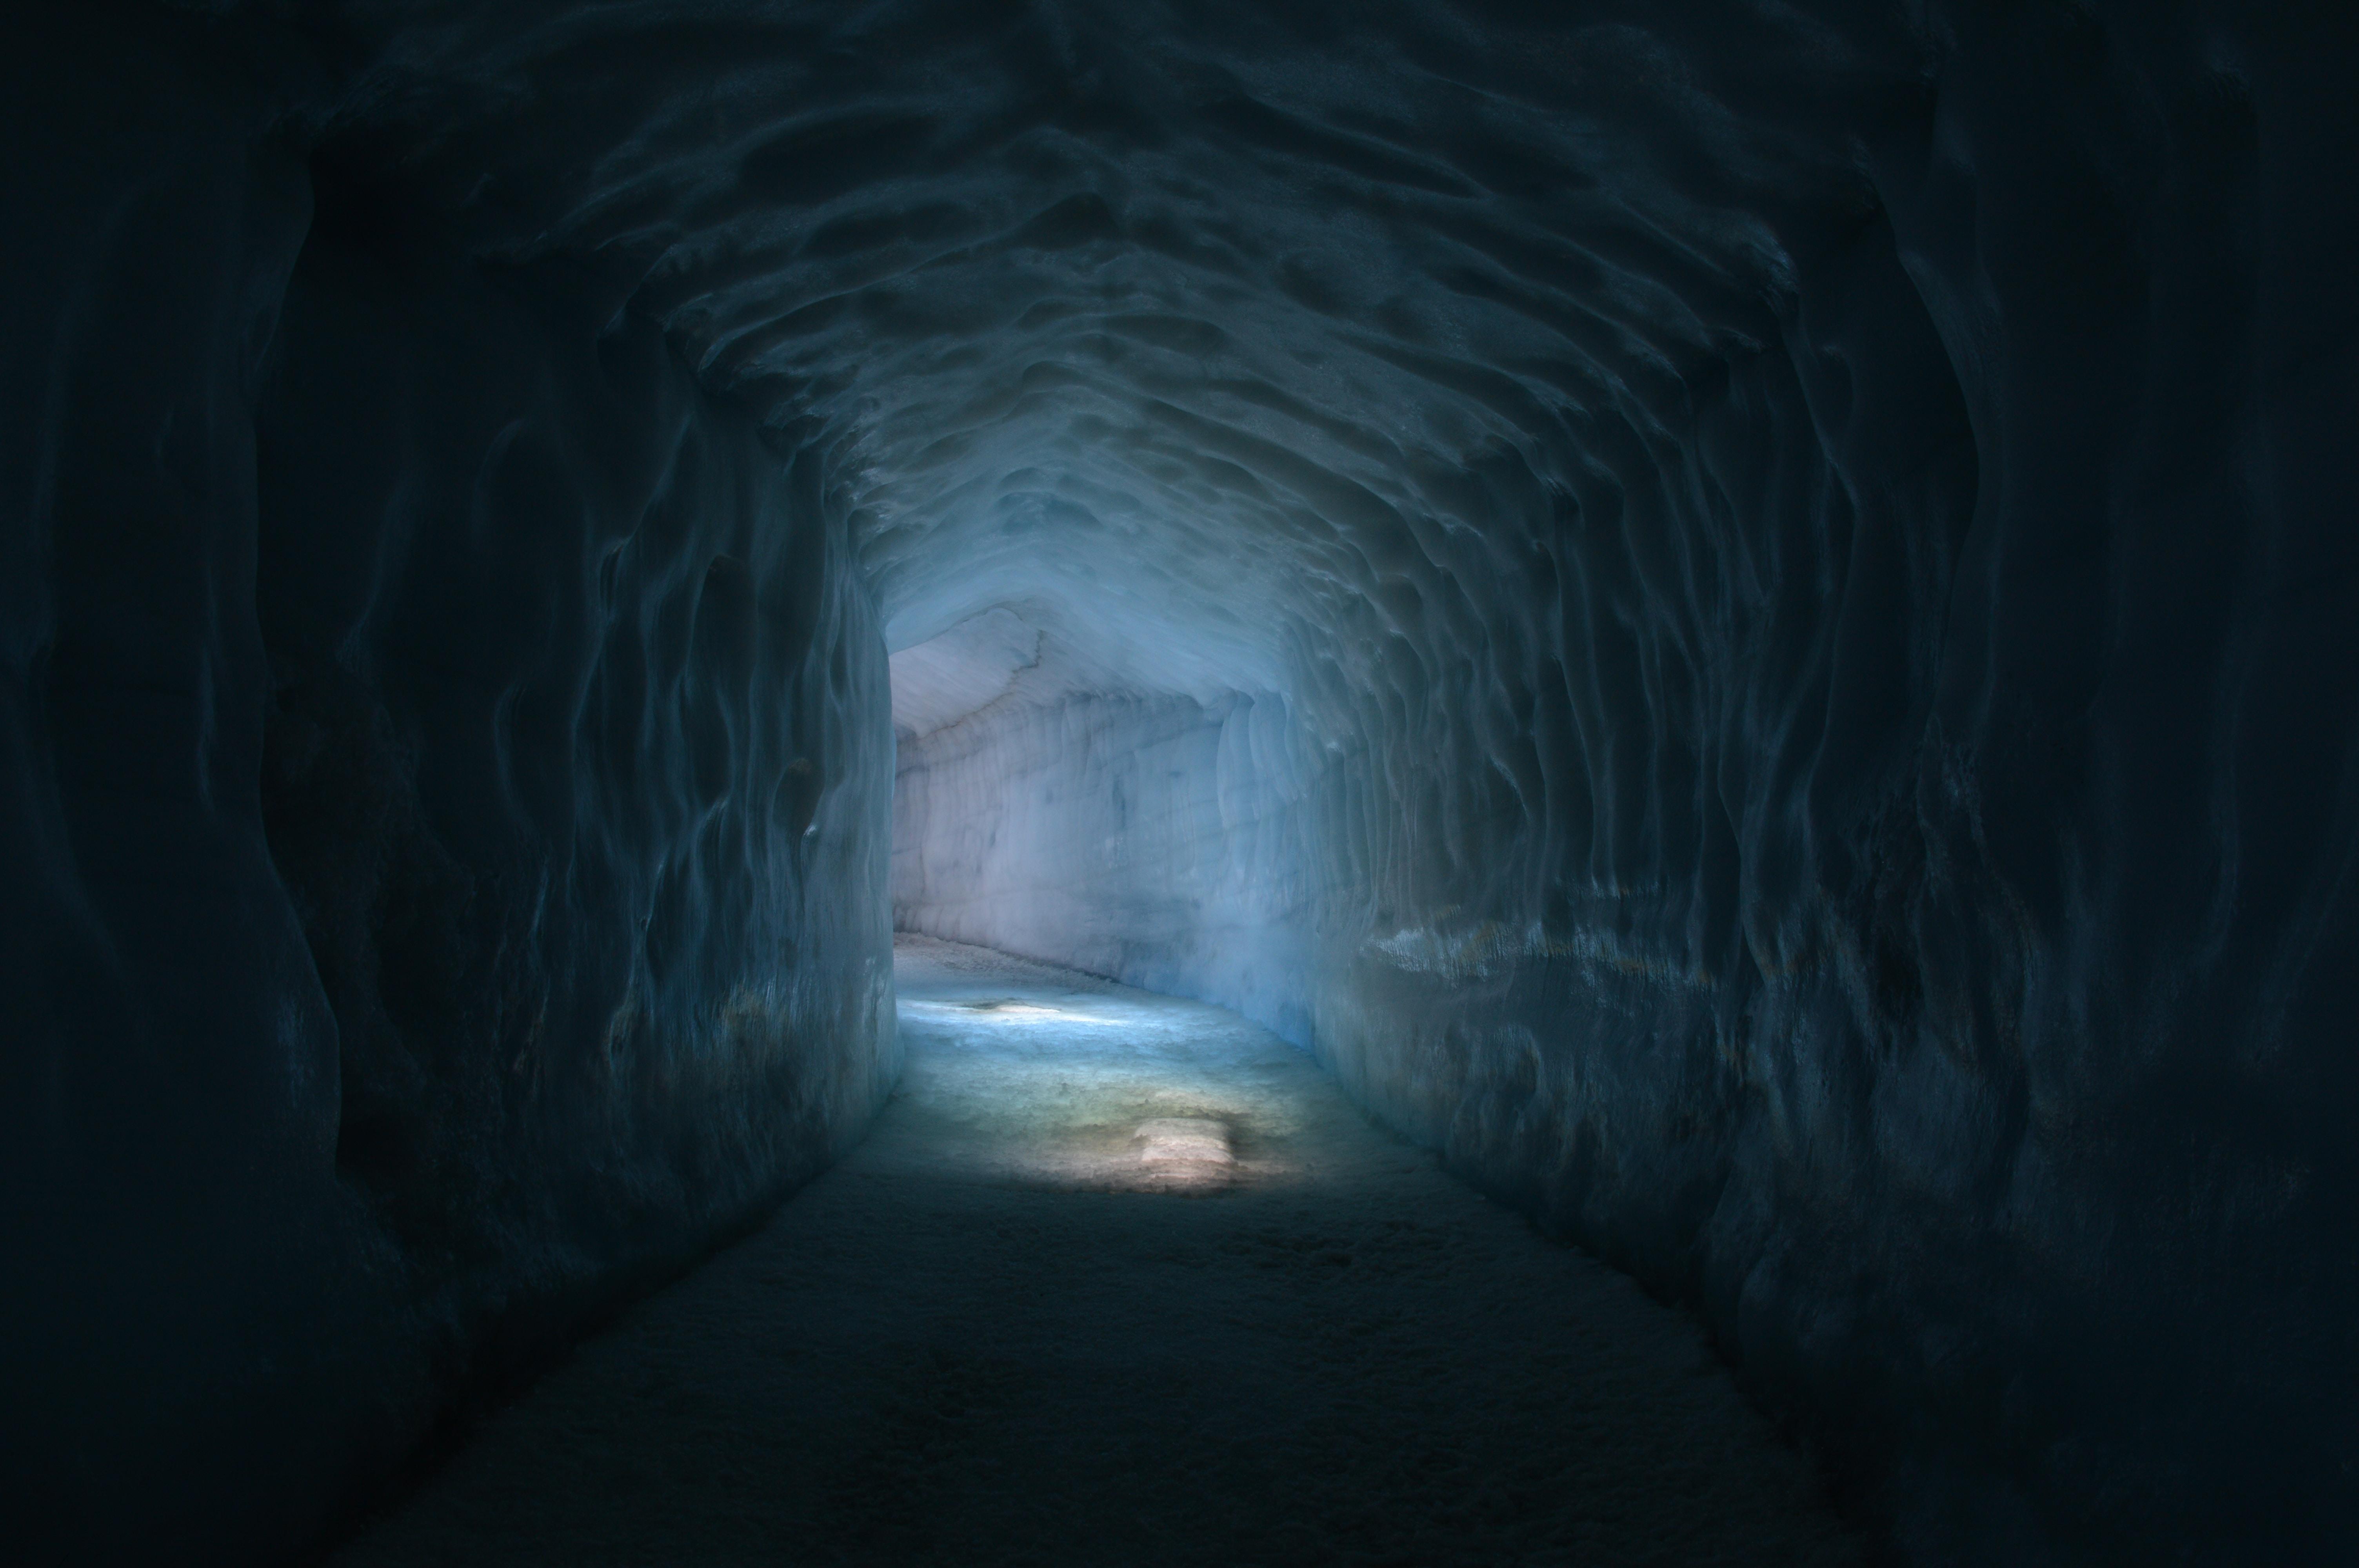 A poorly lit underground tunnel.